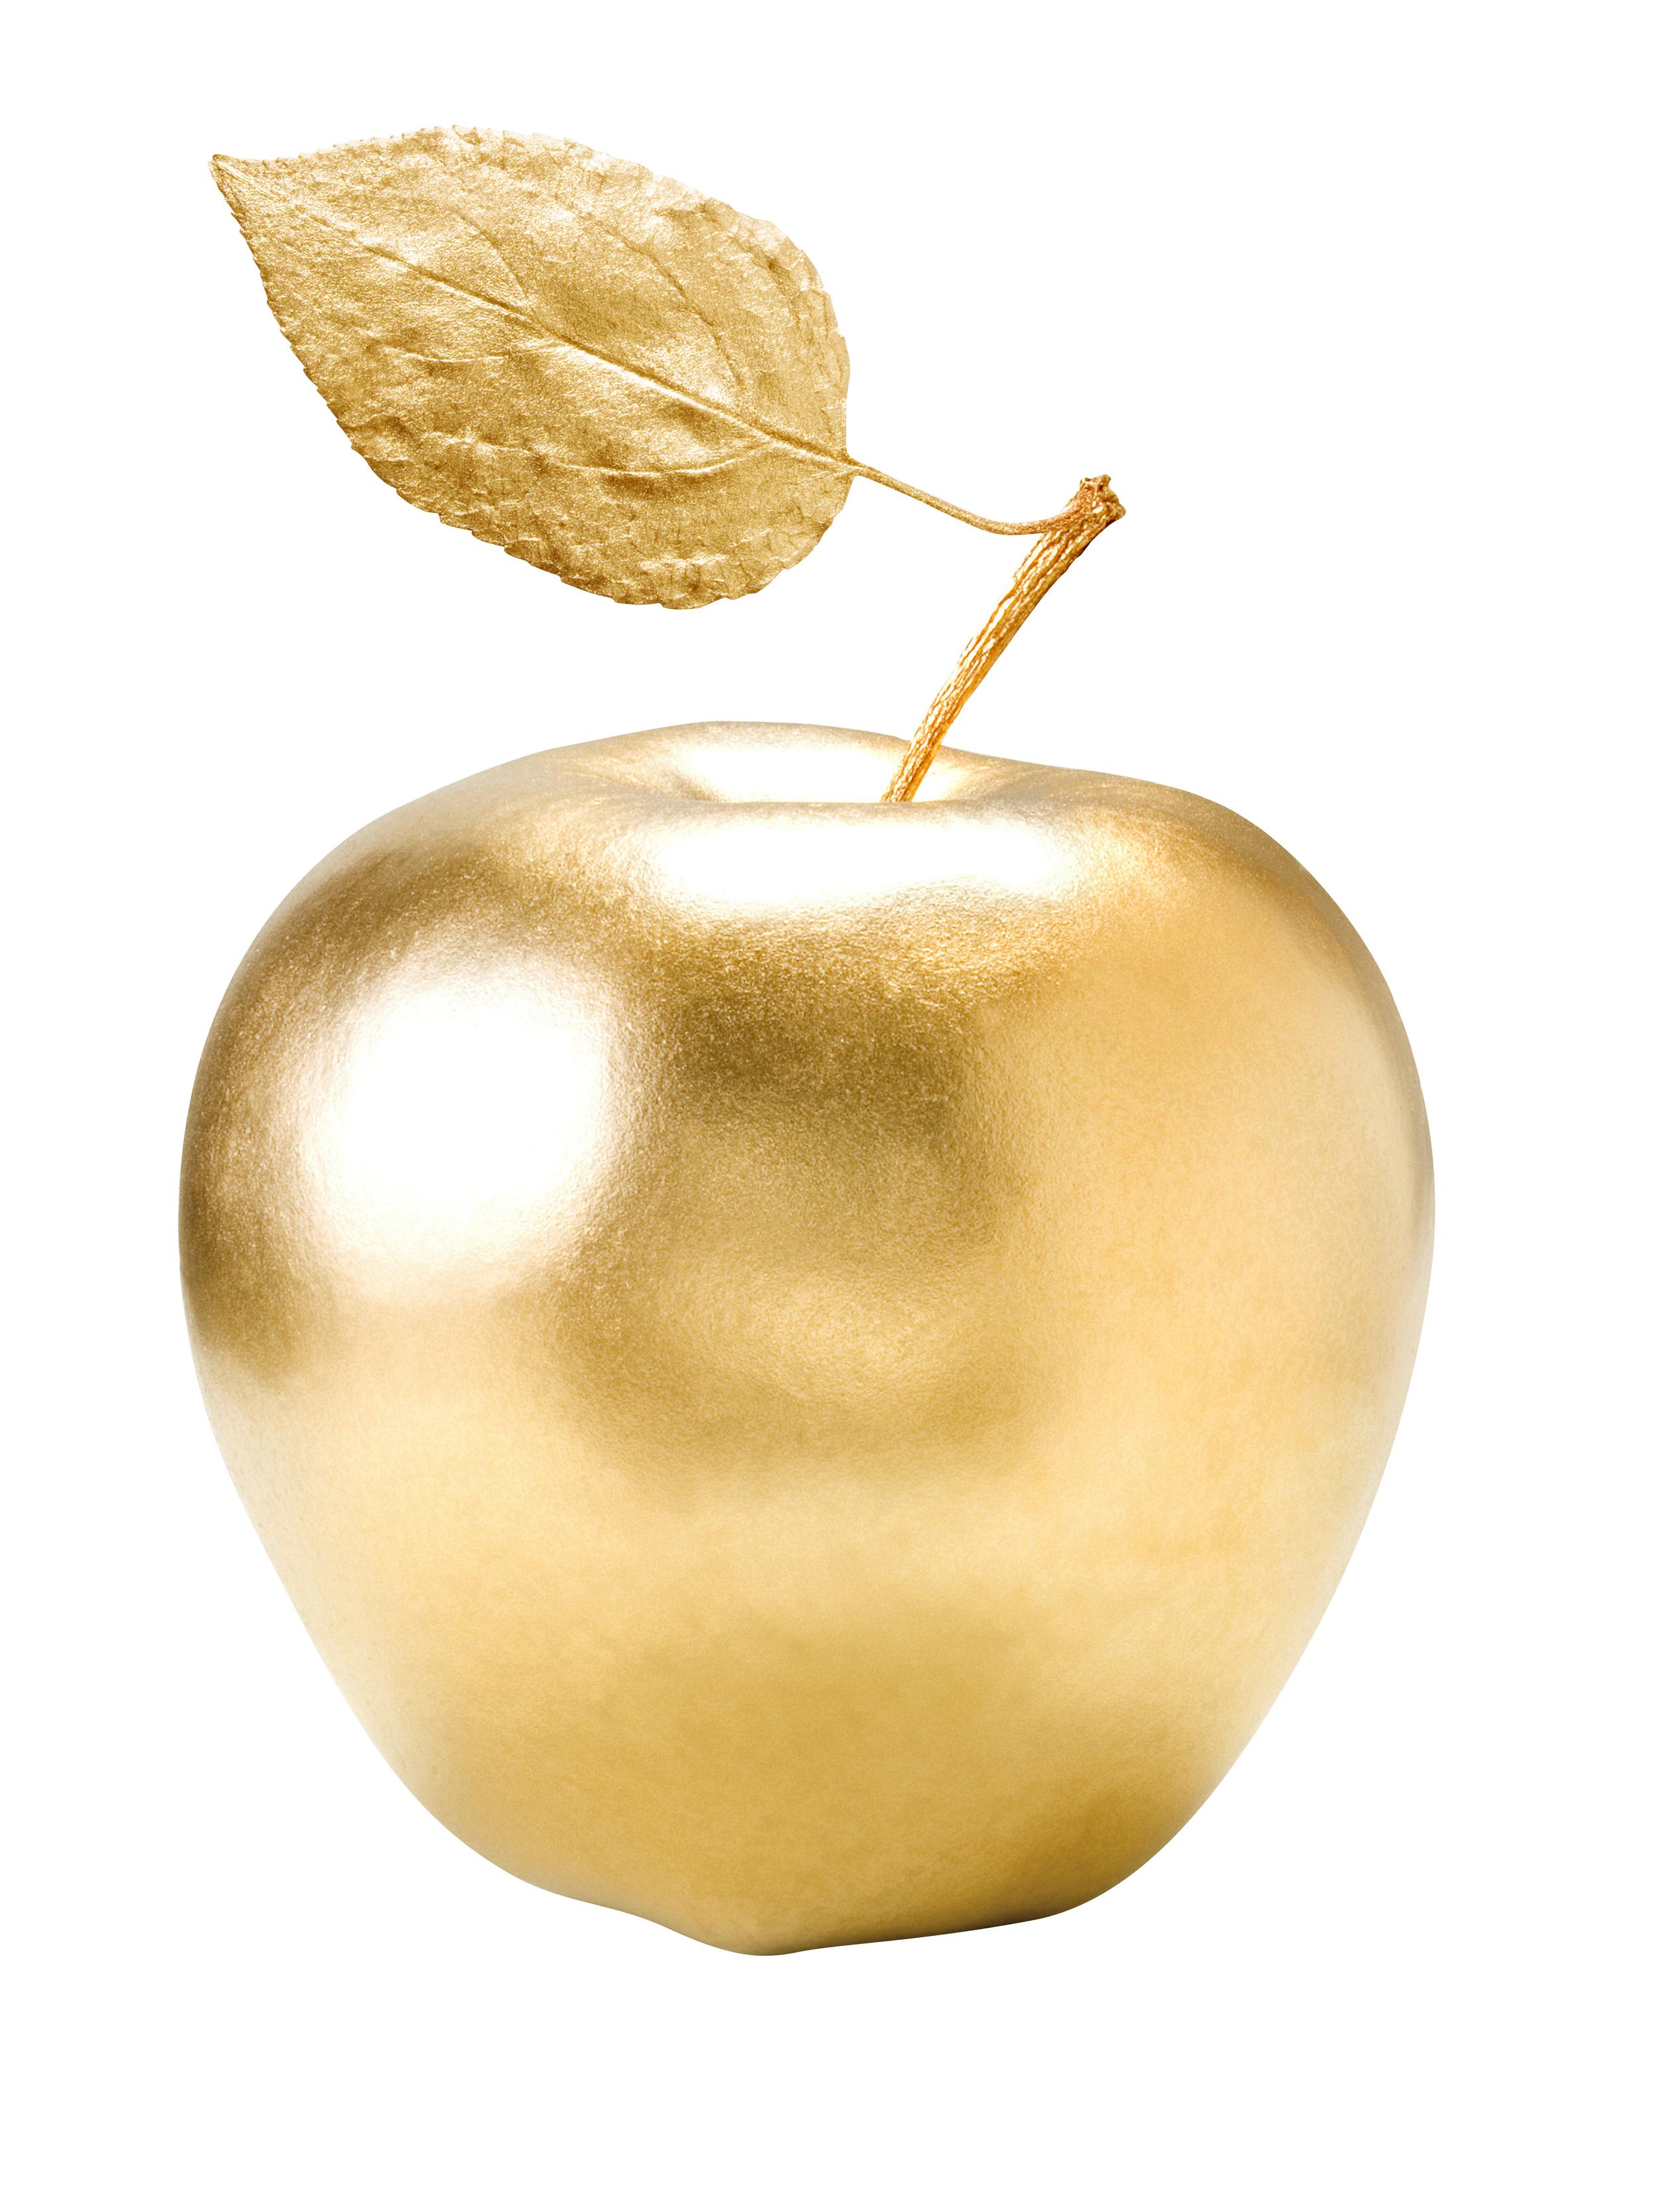 08_golden apple_01.jpg